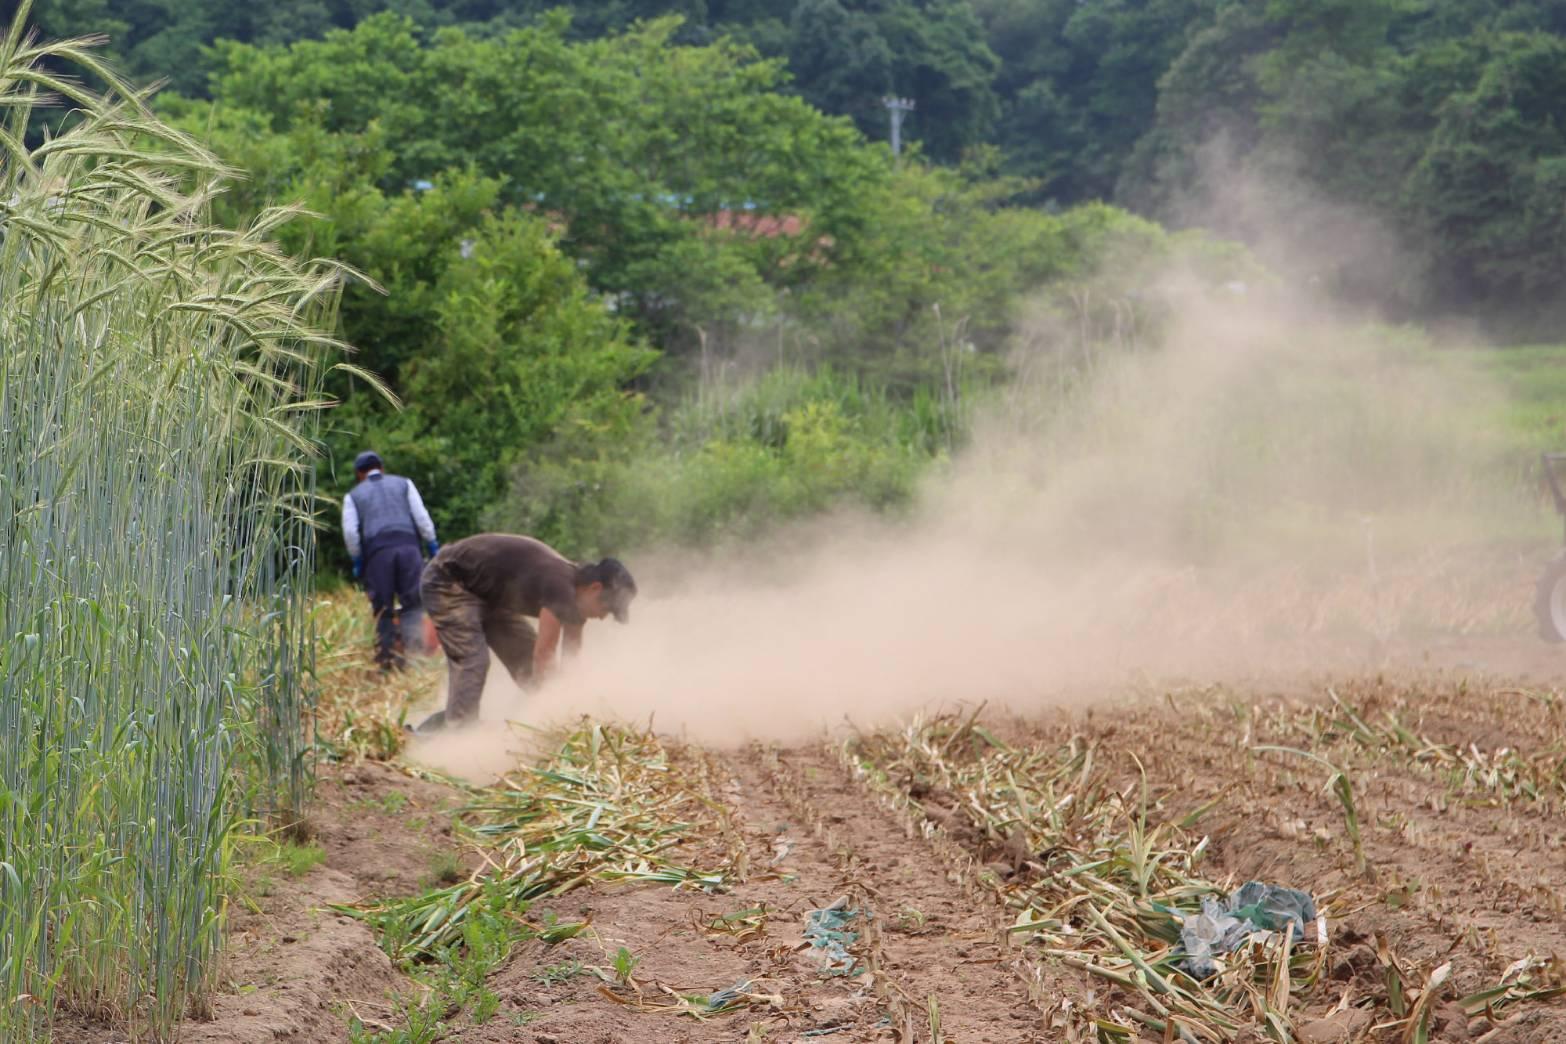 【送料無料 & 感謝期間中】 青森県 田子町 黒にんにく 1kg たっぷり にんいく生産者種子さんの黒にんにく!